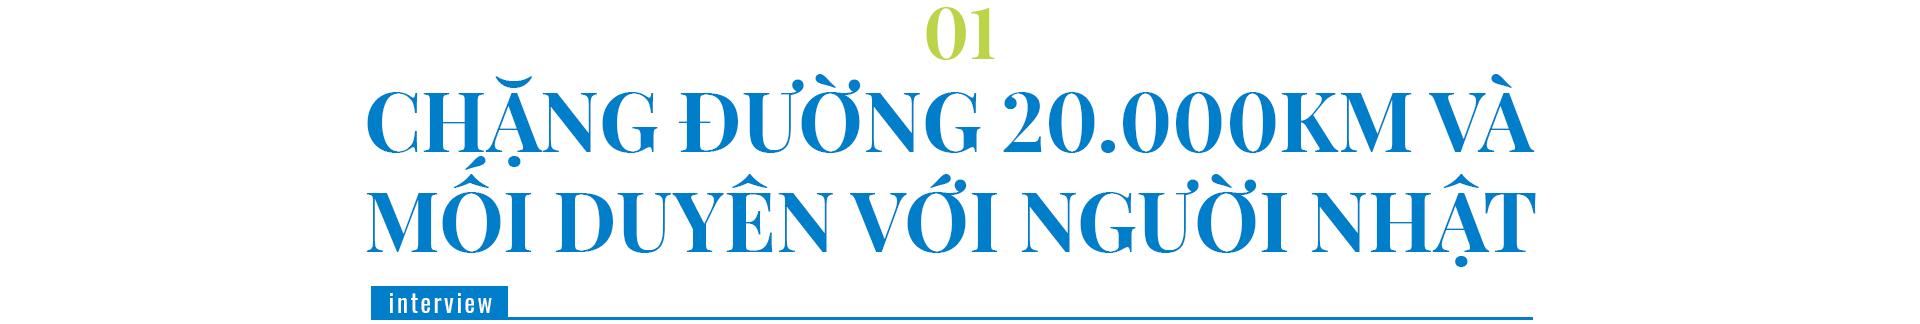 Khát vọng đặc biệt của ông chủ nhà máy tỏi đen lớn nhất Việt Nam - 1